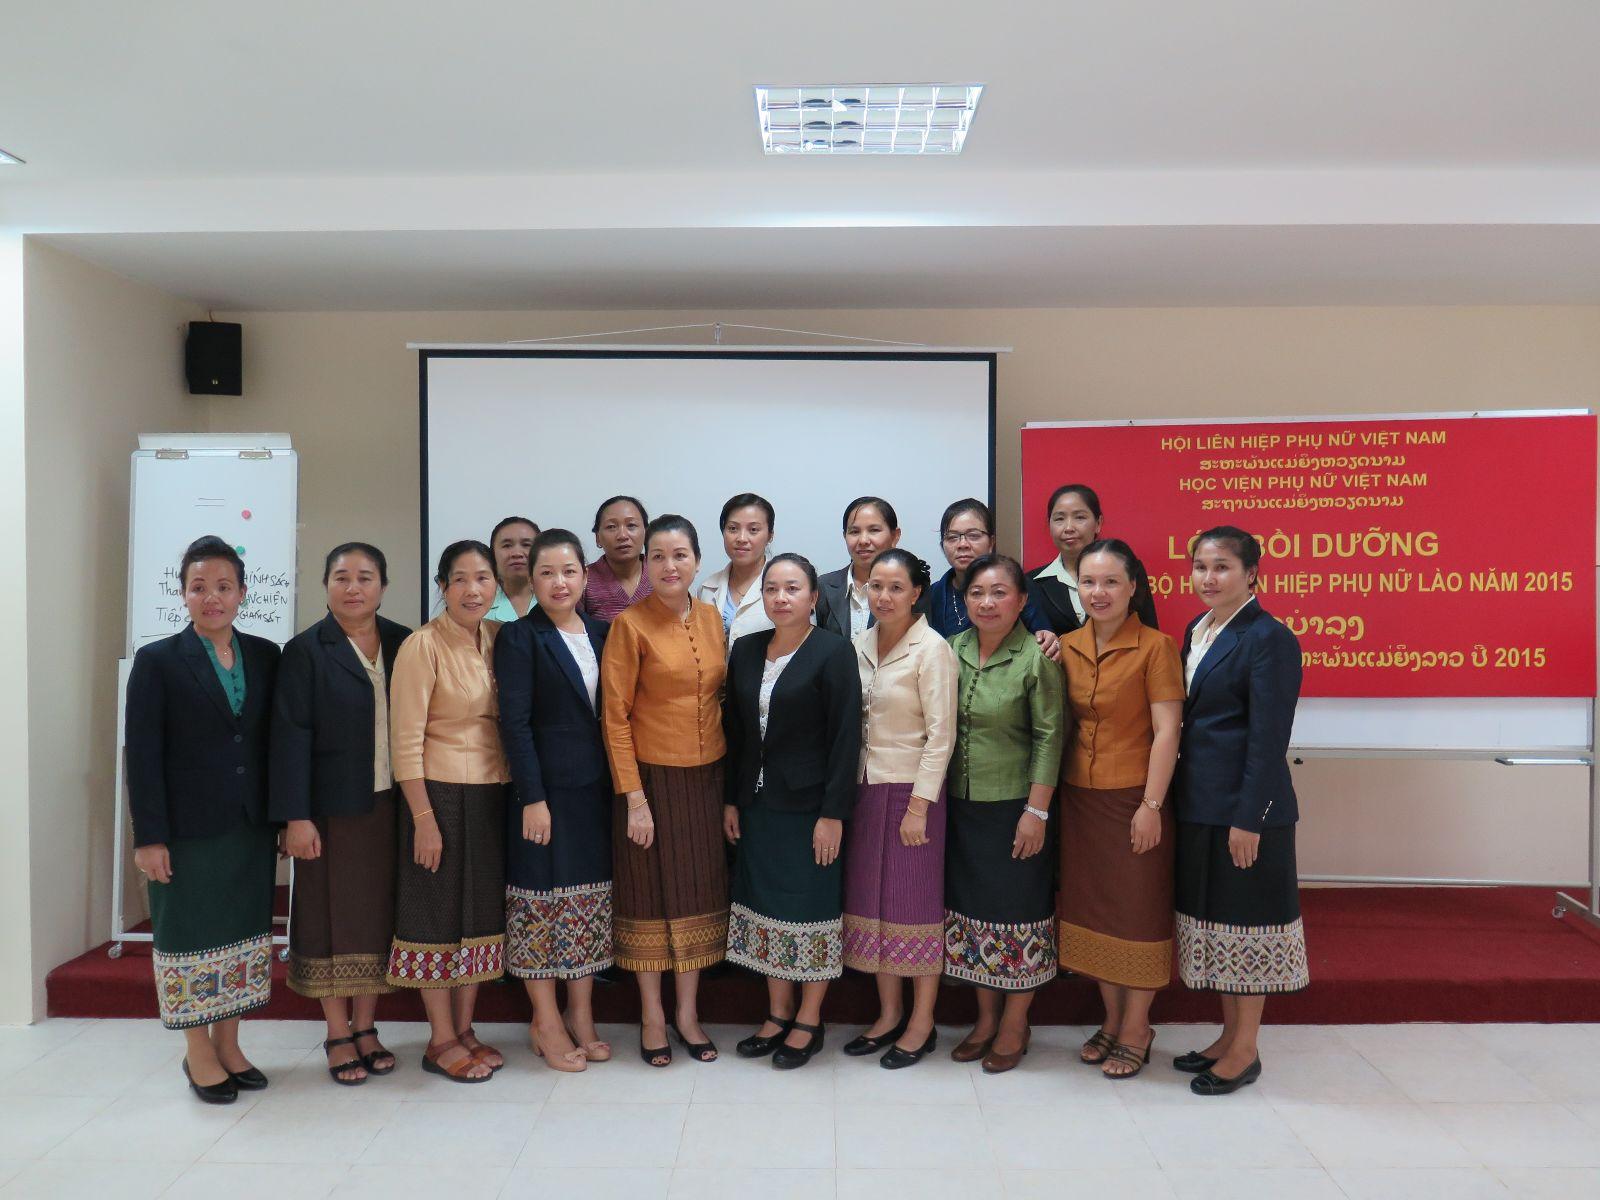 Khai giảng lớp bồi dưỡng cán bộ Hội Phụ nữ nước Cộng hòa dân chủ nhân dân Lào